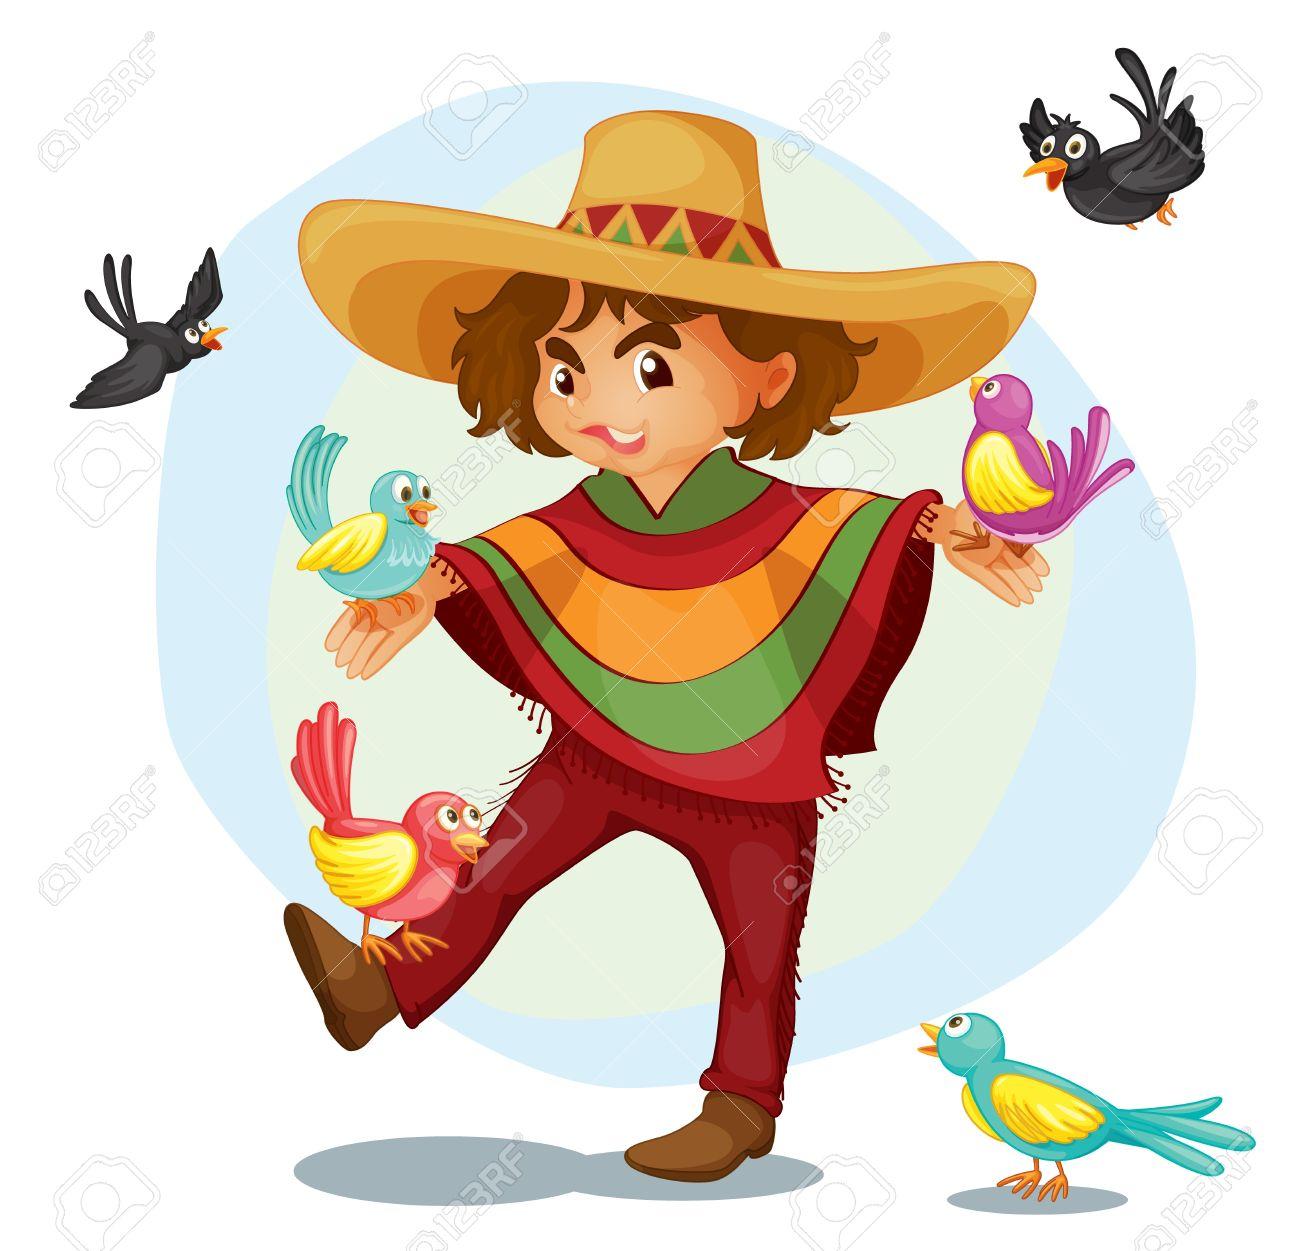 Ilustración de un niño mexicano Foto de archivo - 13825803